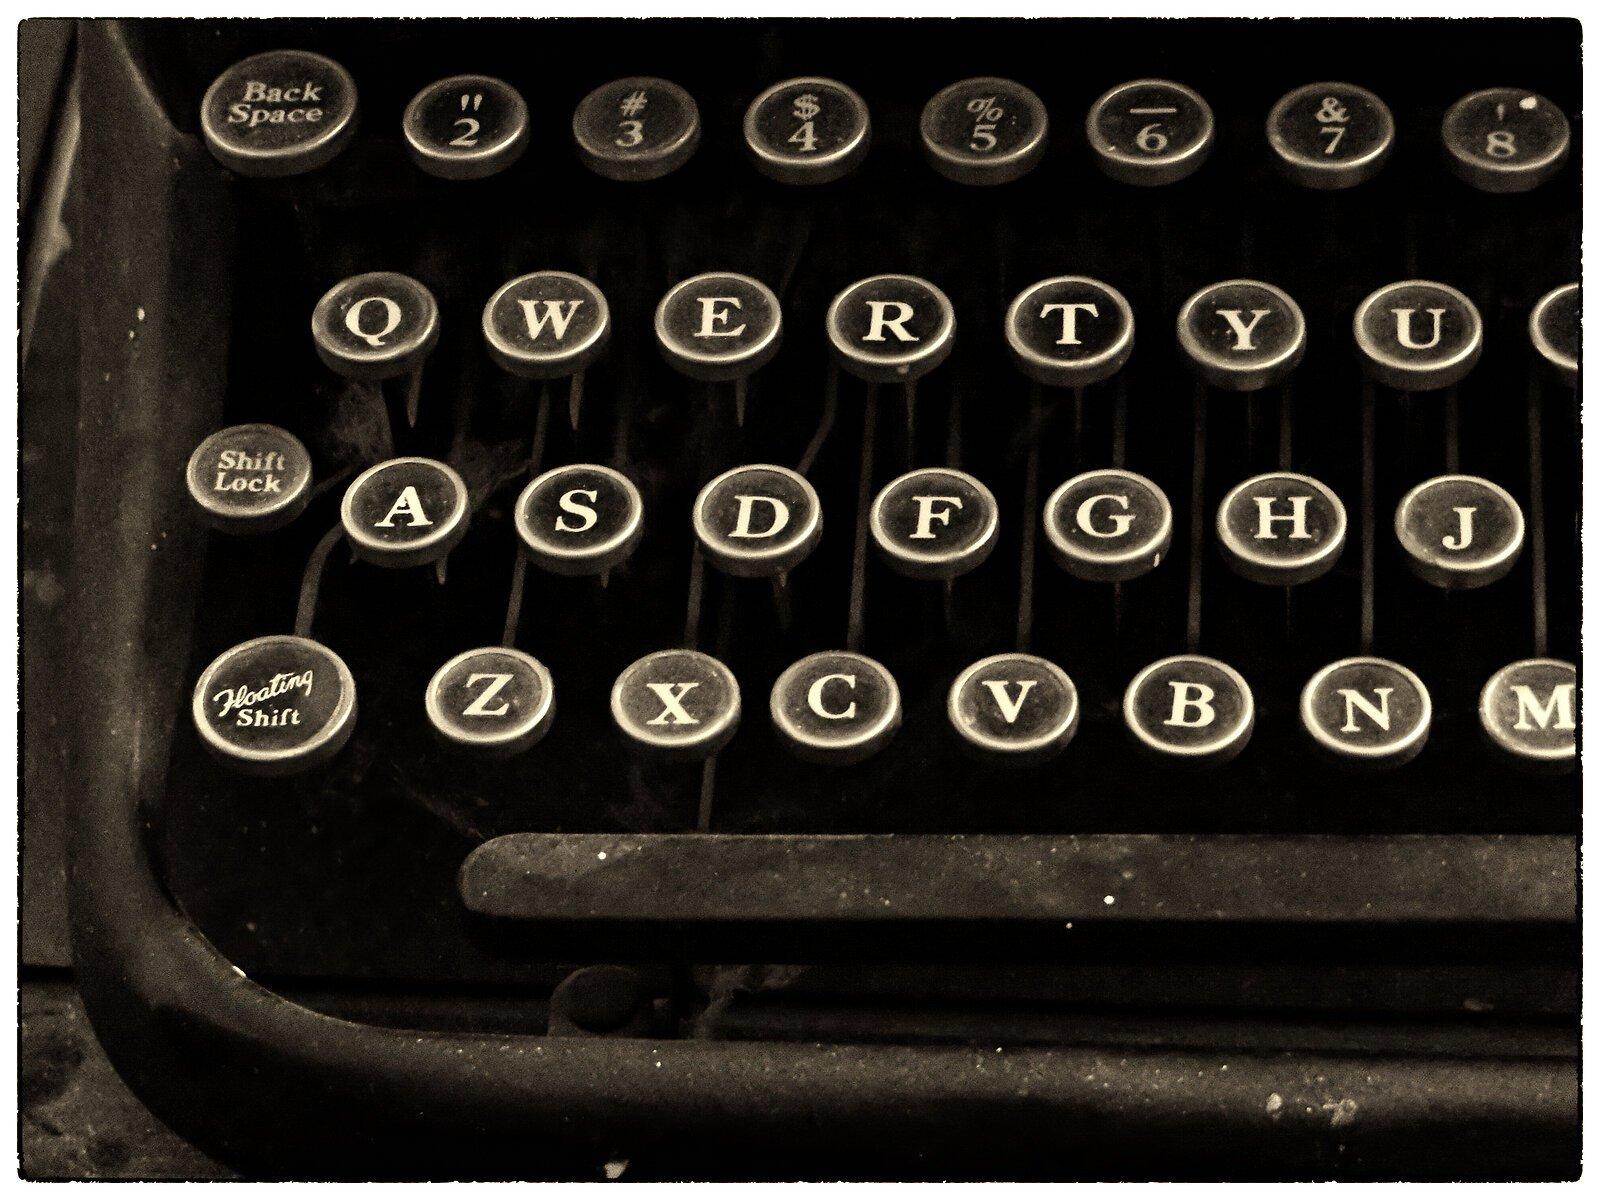 X30_Dec14_Floating_shift_typewriter_keys.jpg